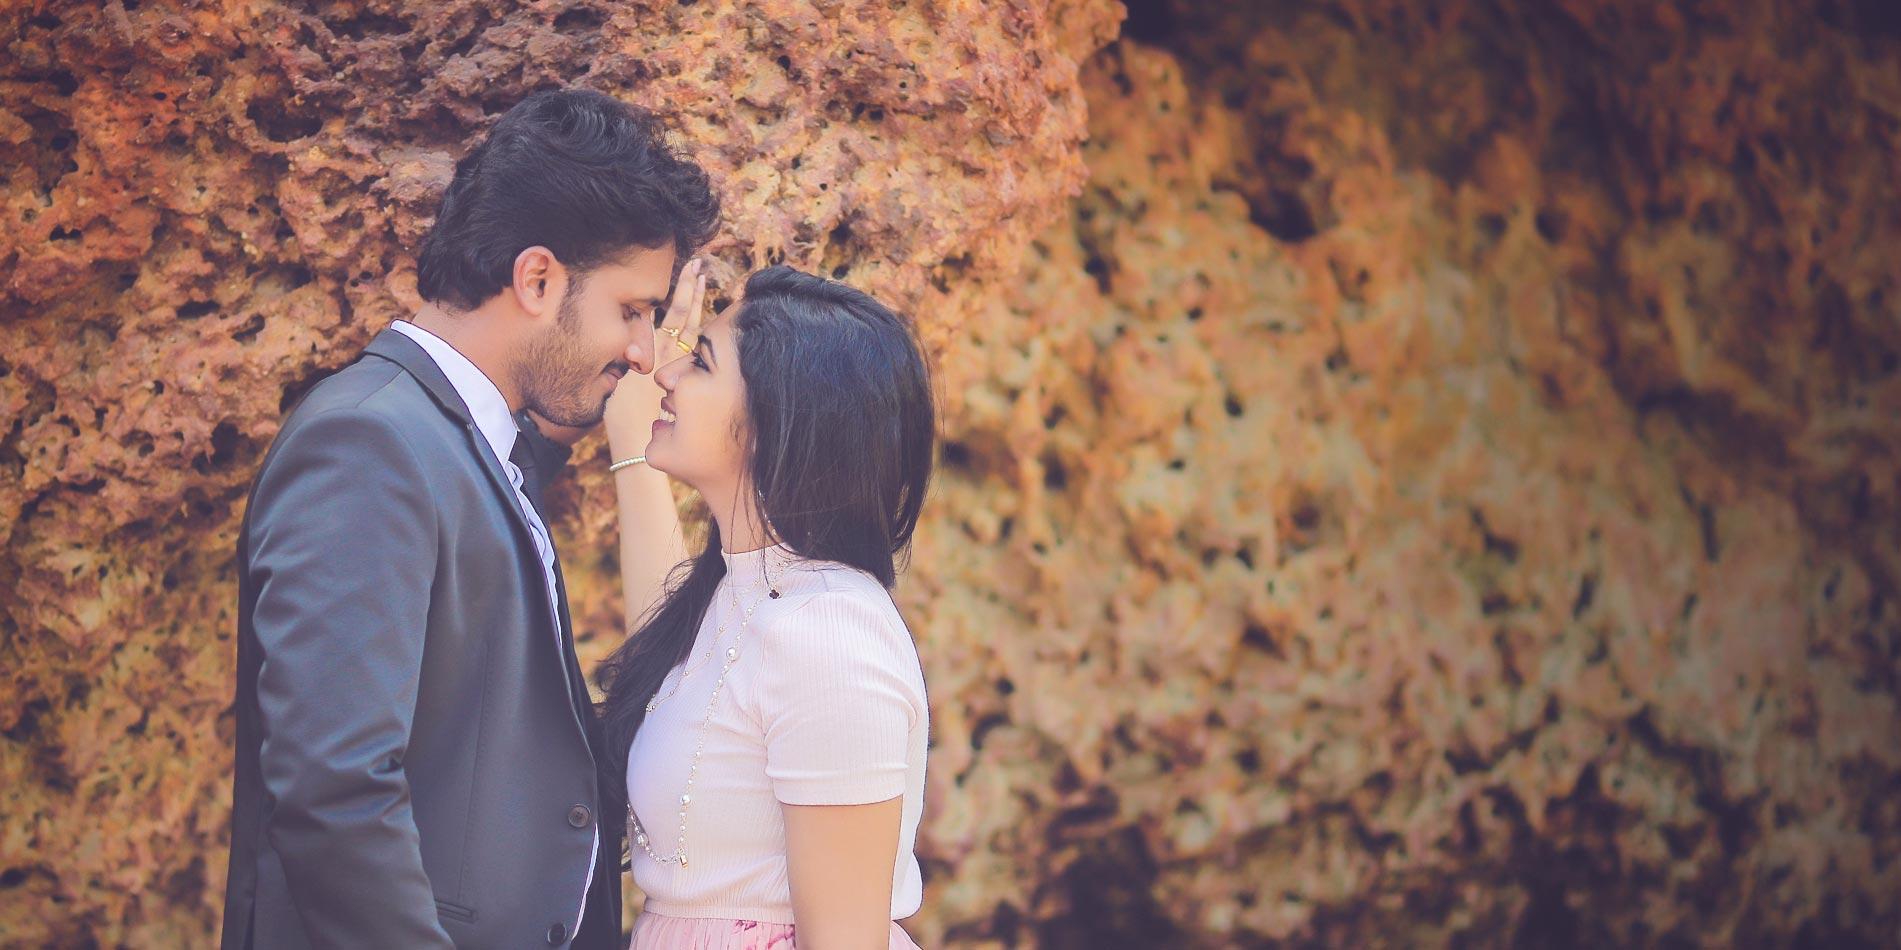 matchmaking gratuito per il matrimonio in Telugu keniota Signore per incontri